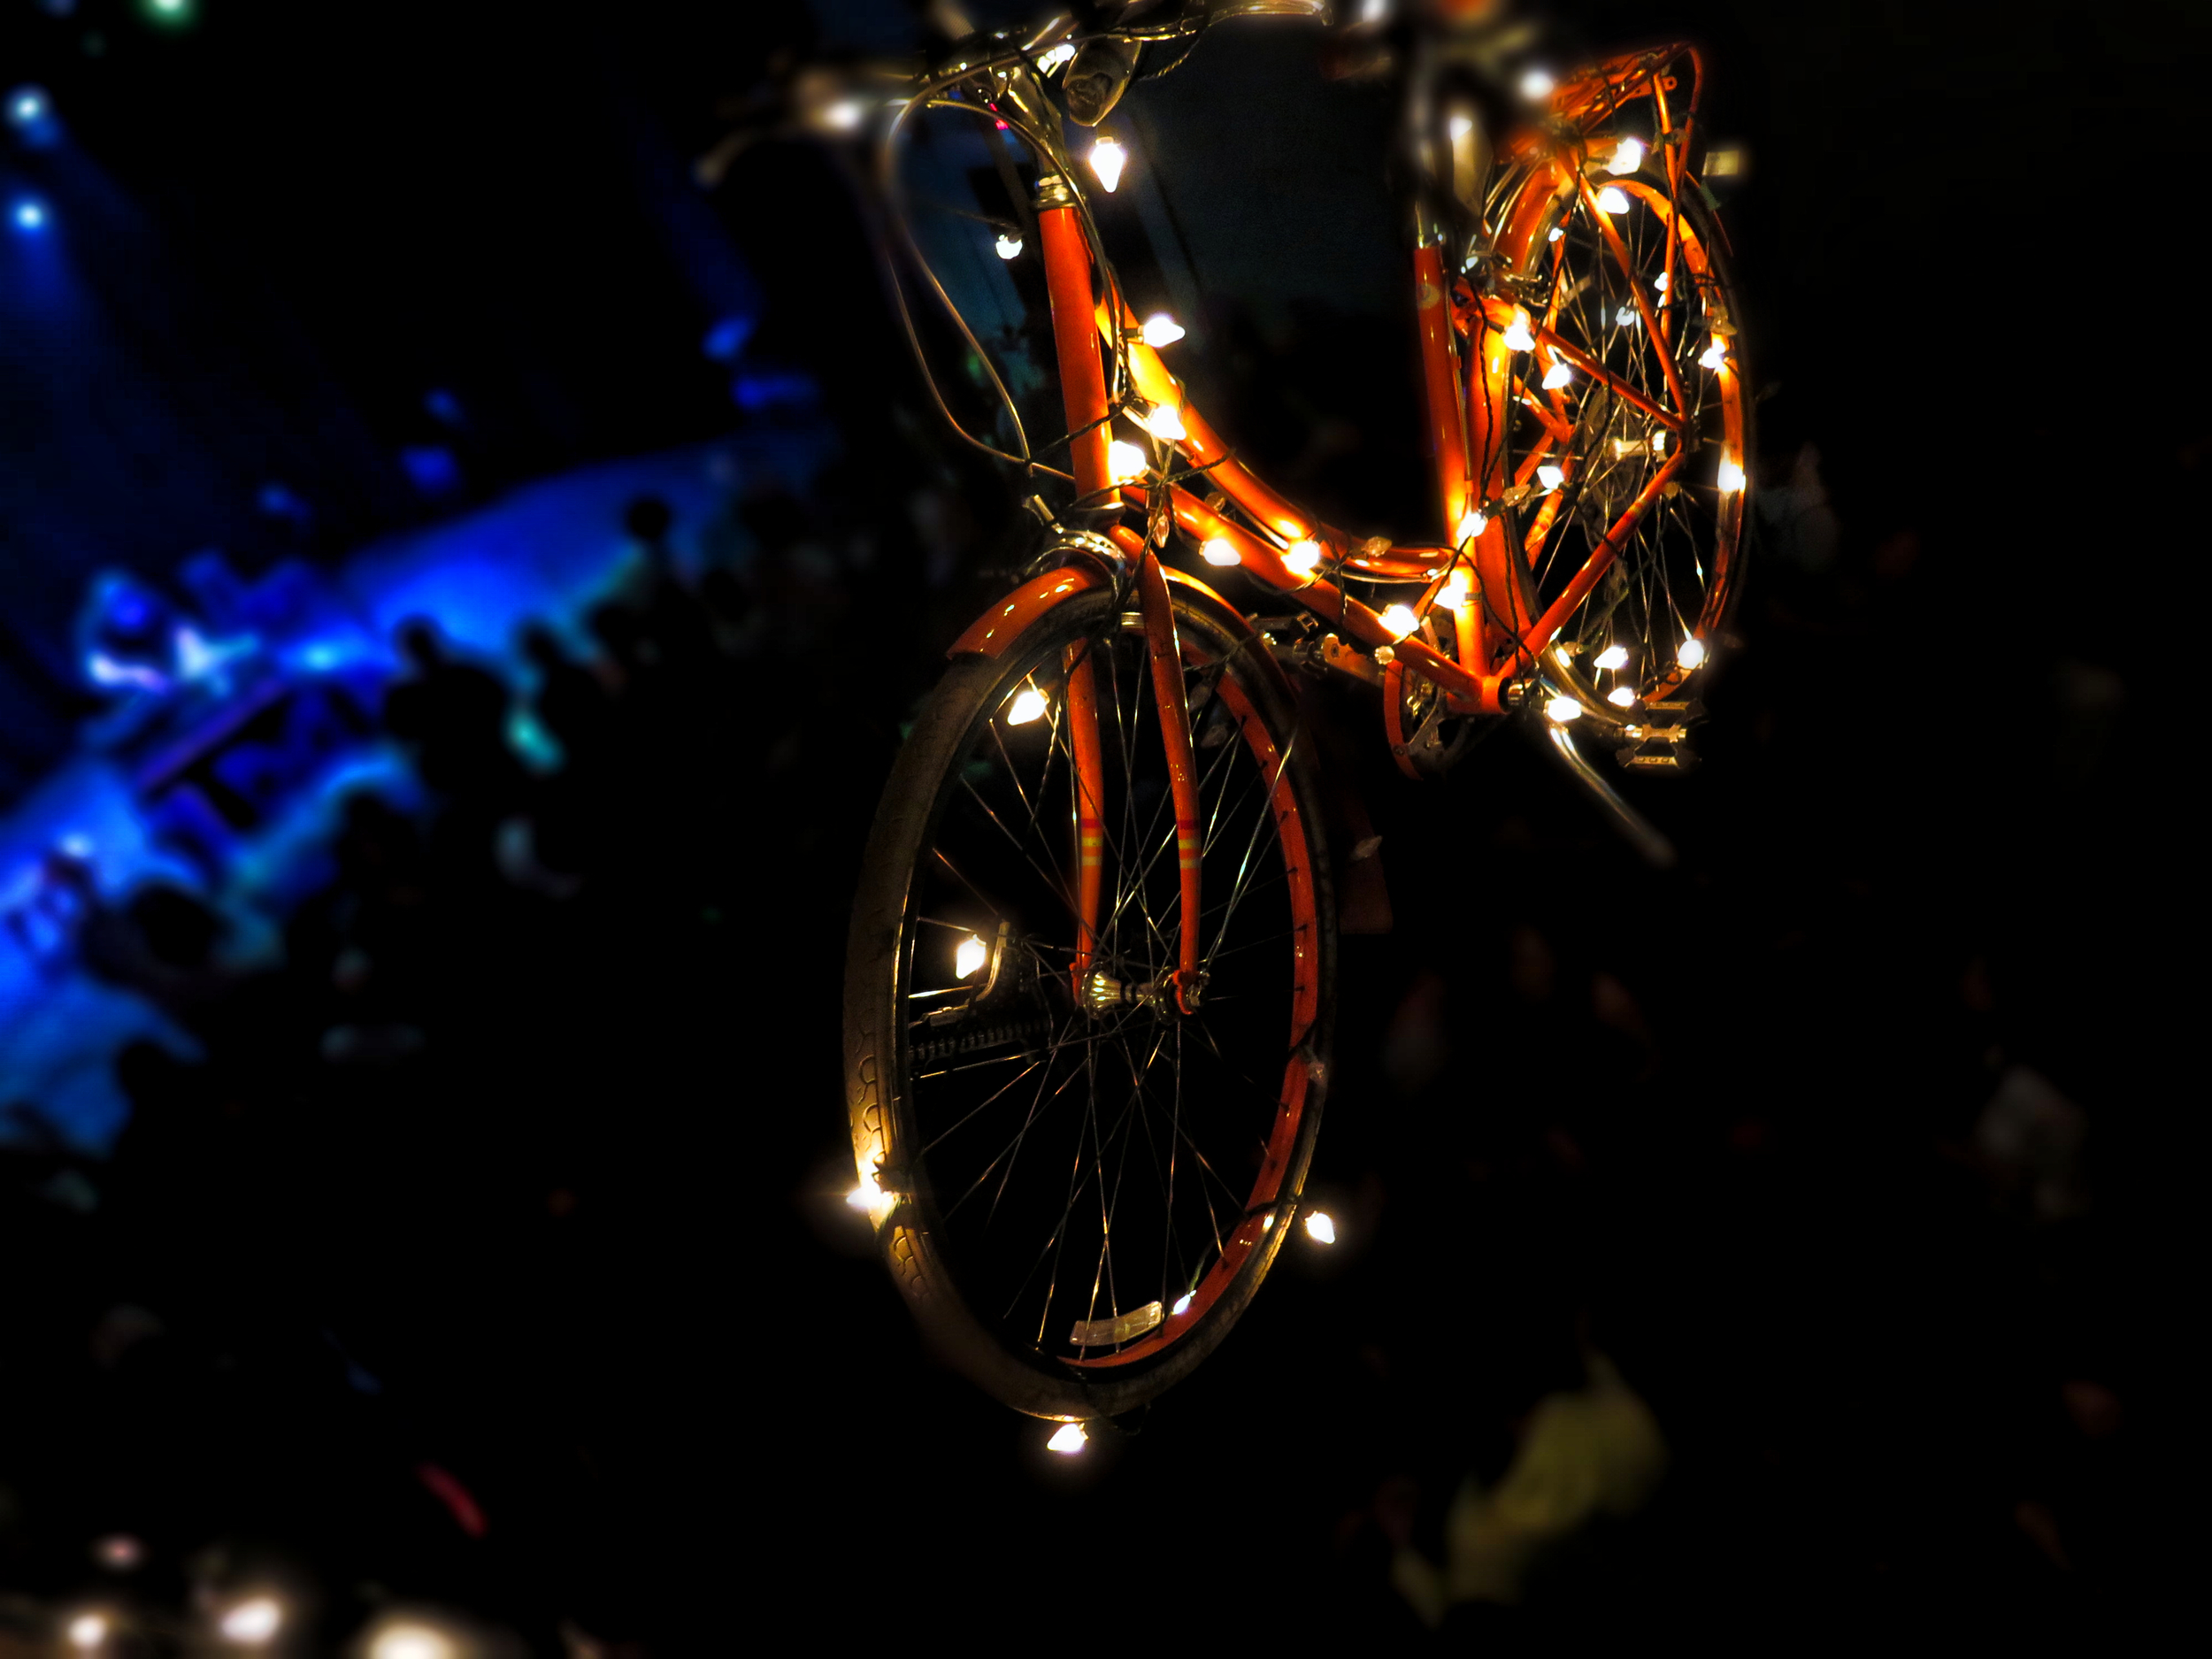 bikelovebest3.jpeg